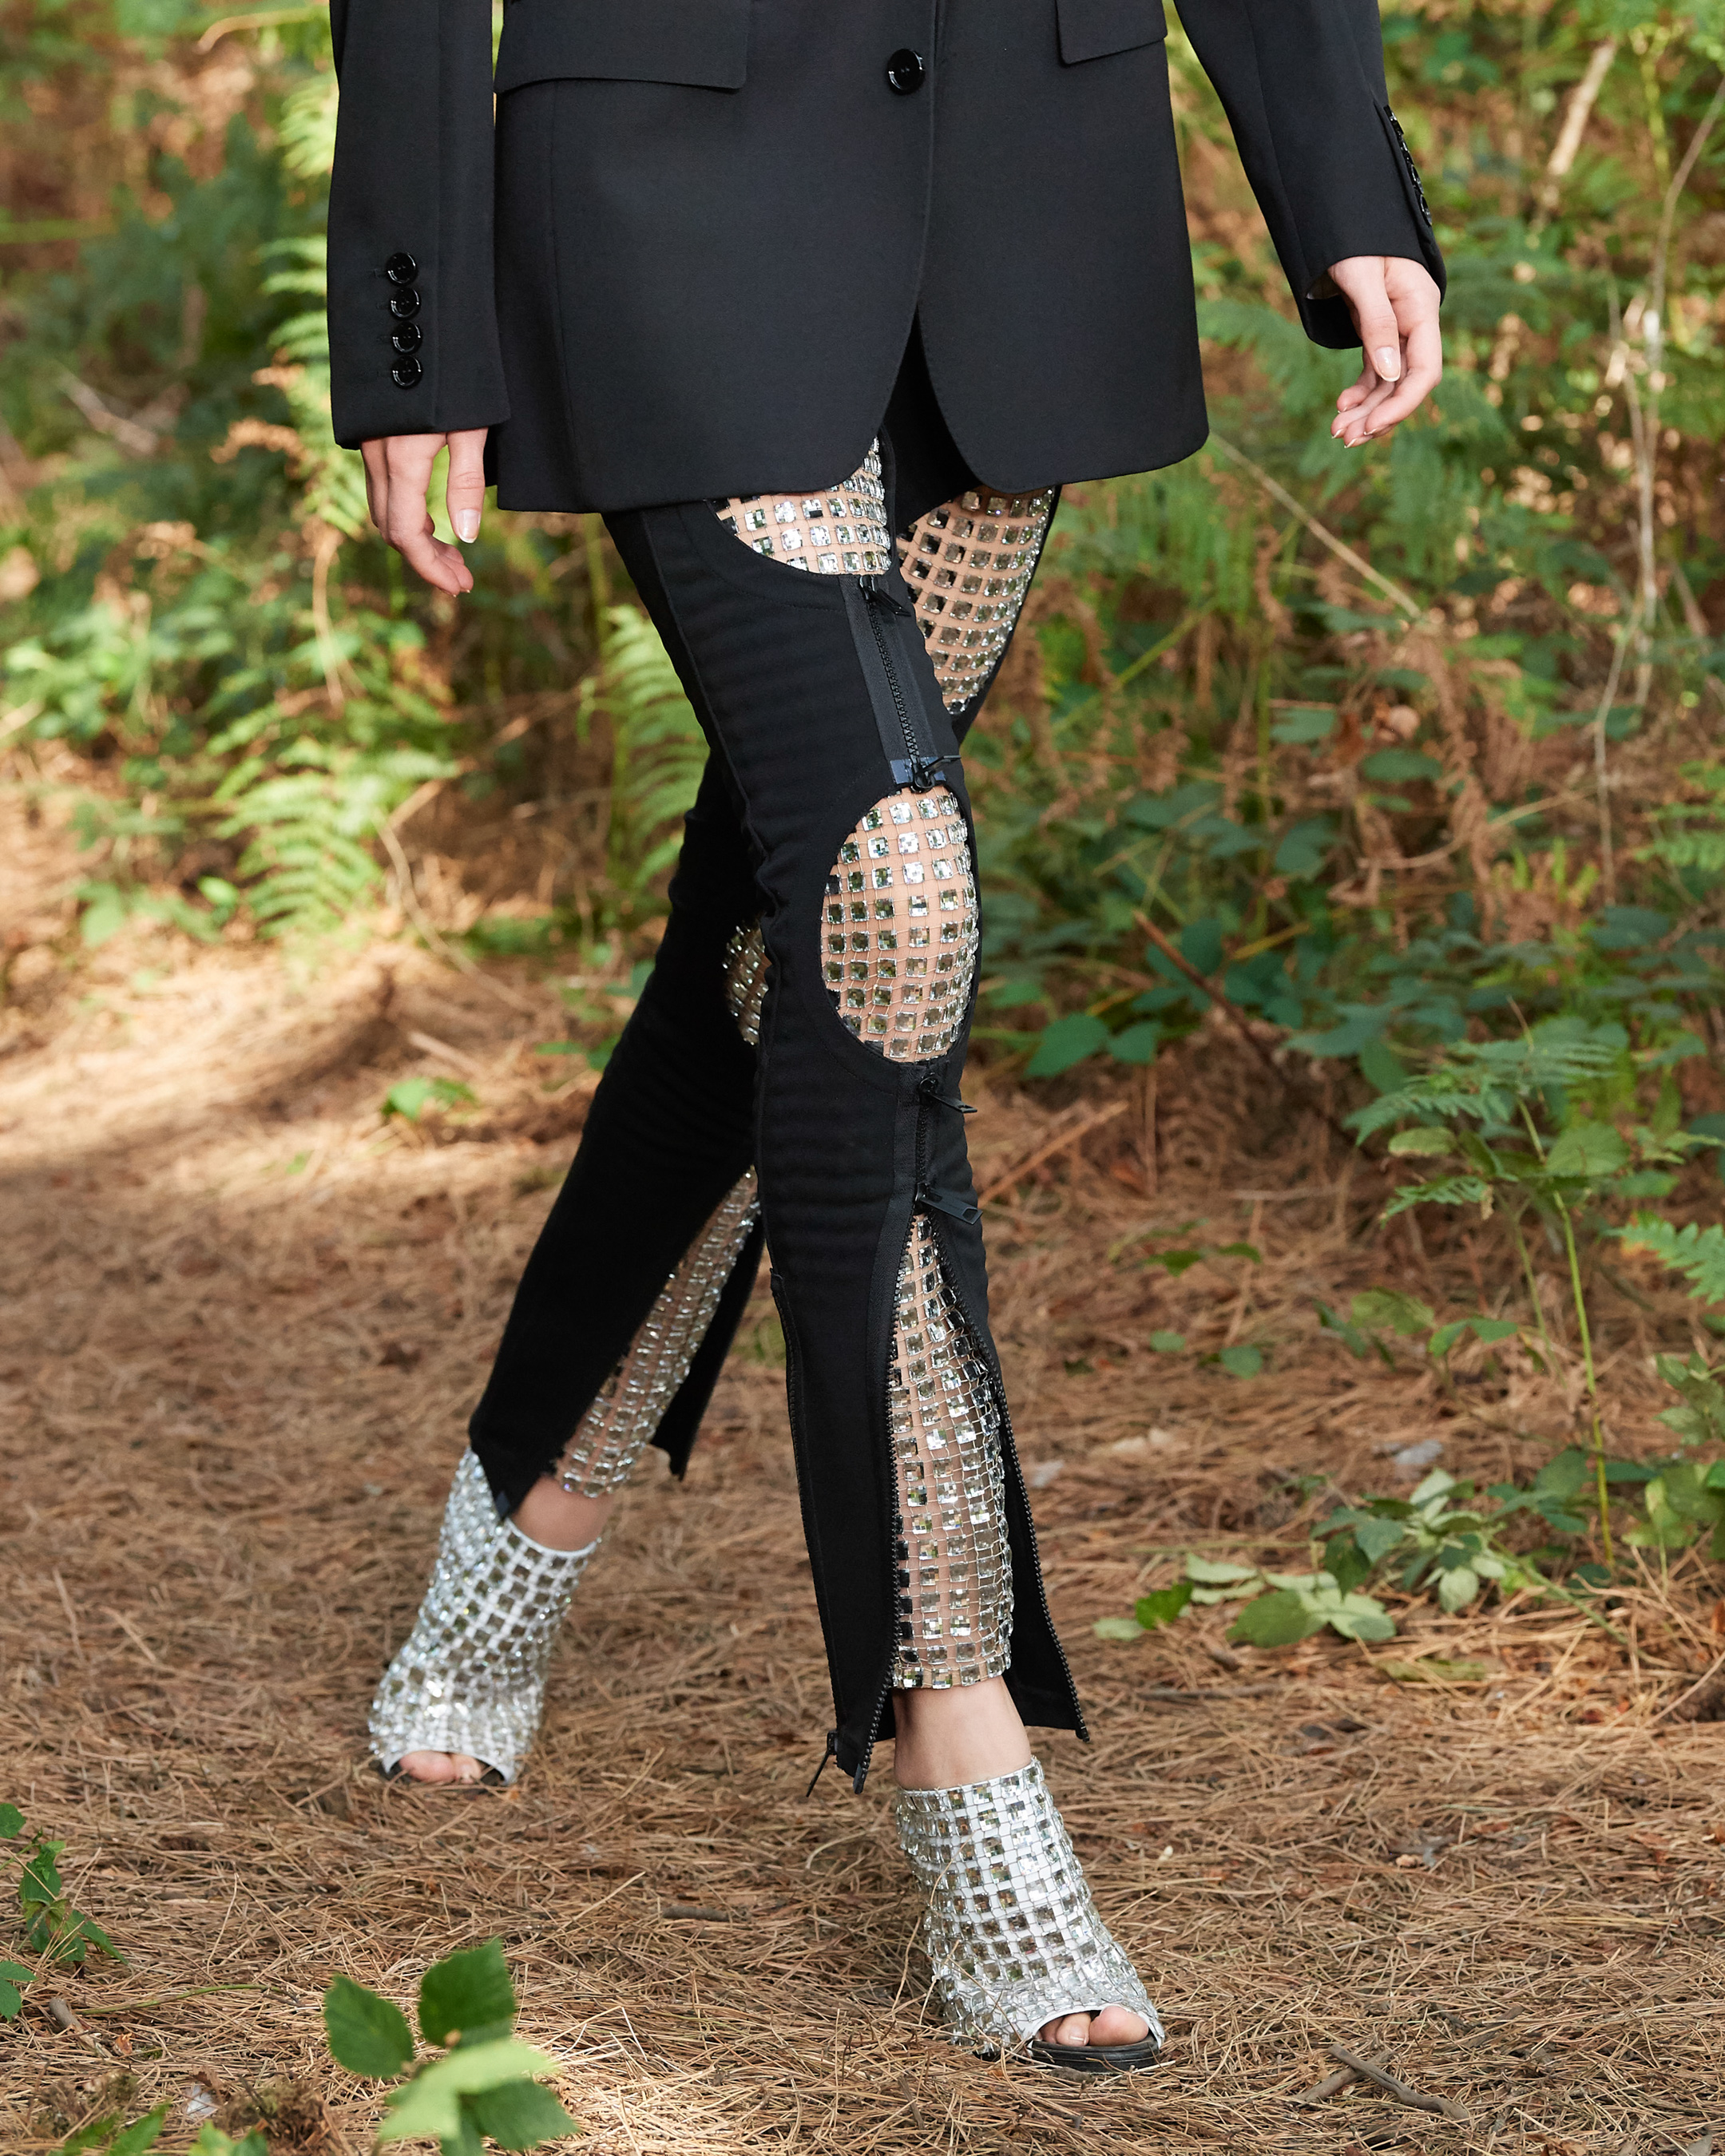 Burberry Spring 2021 Fashion Show Photos